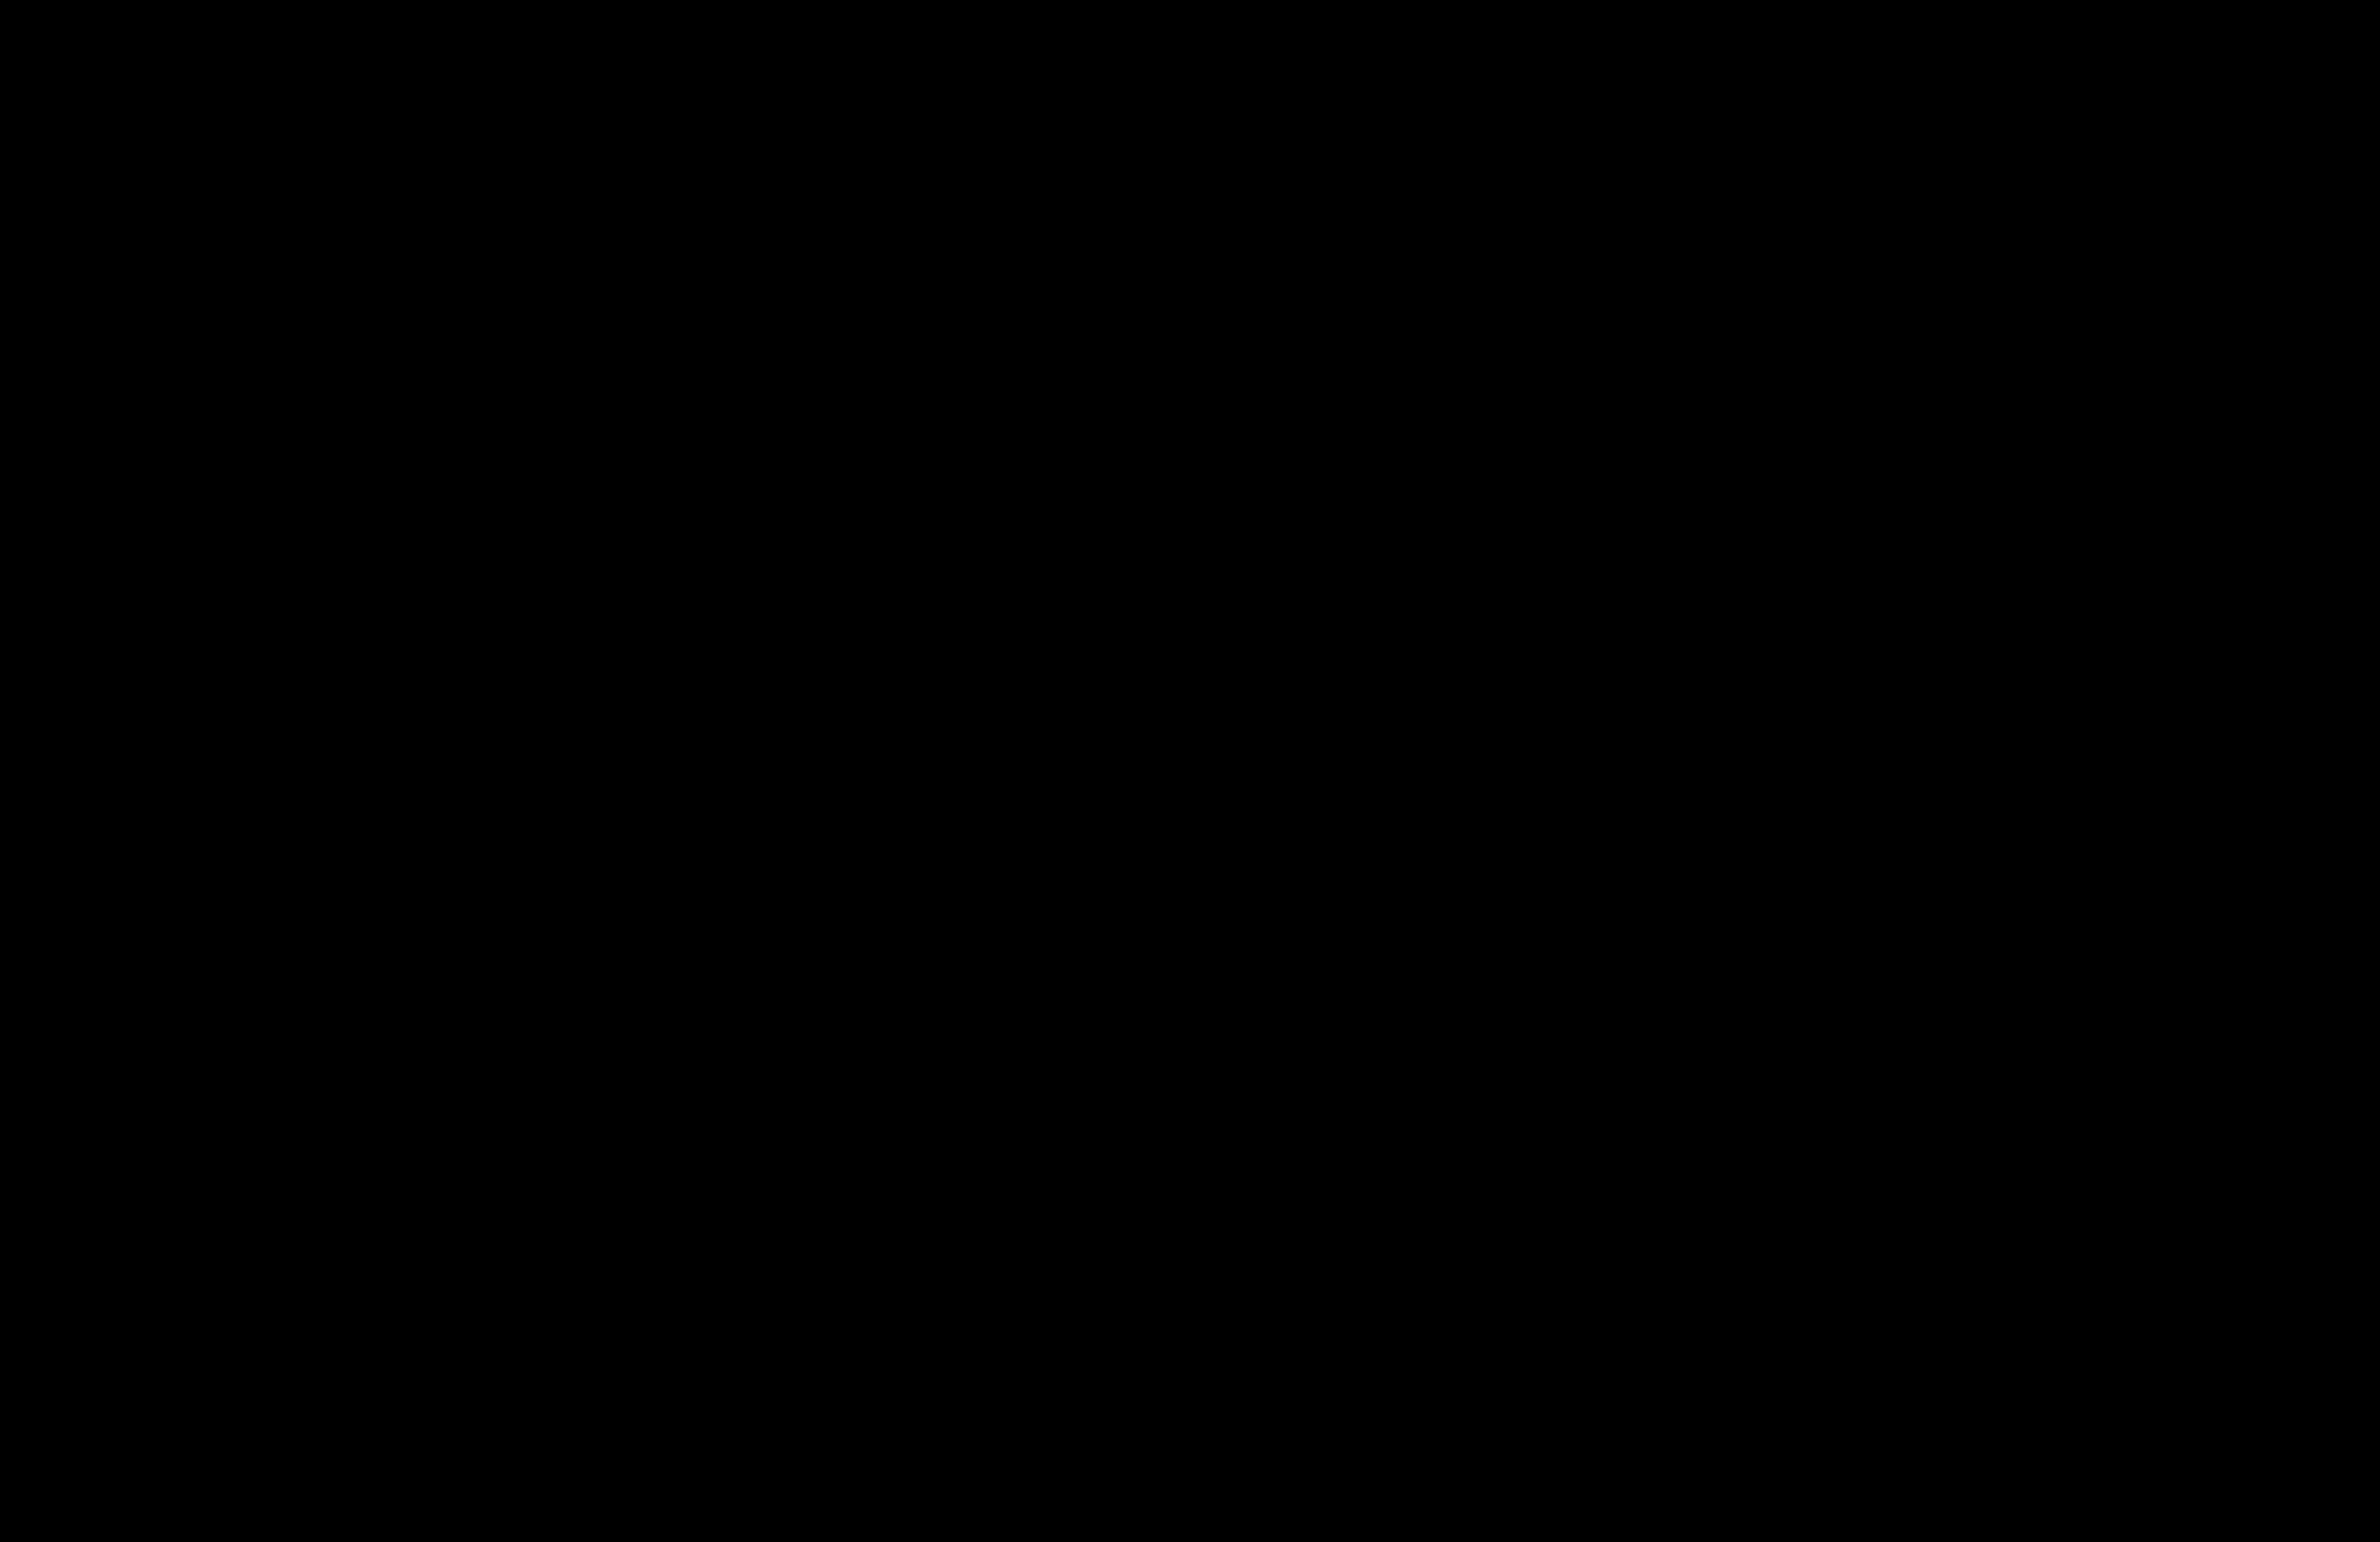 Obama obisnuieste sa se fotografieze cu toti participantii la evenimentele de strangere de fonduri. Aici este alaturi de afaceristul Michael Byun